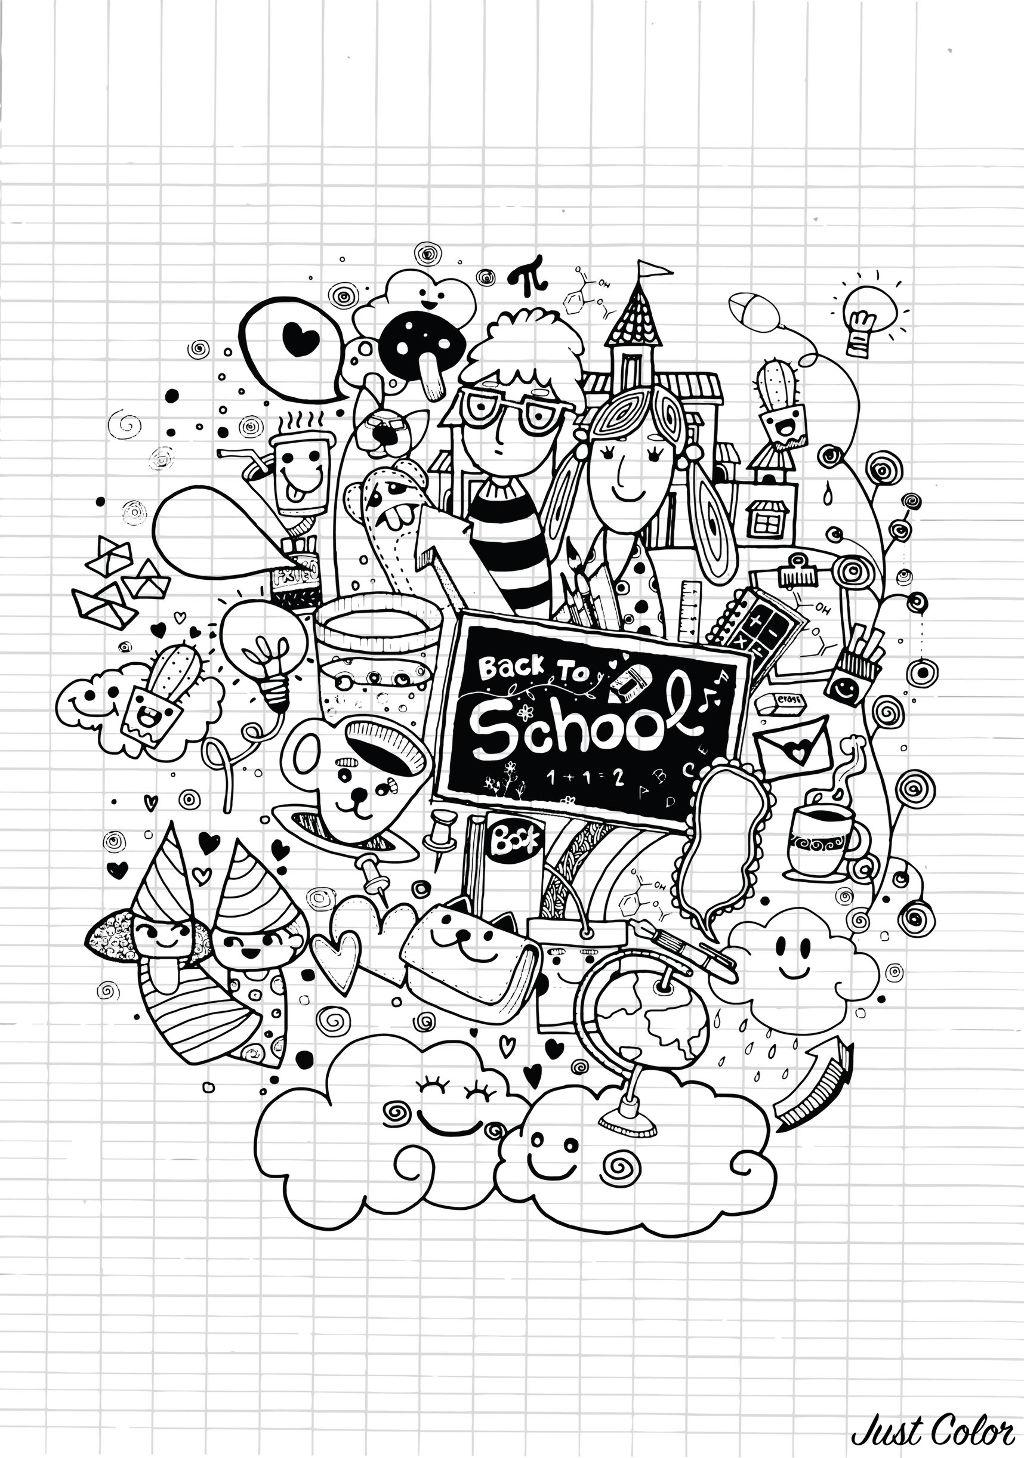 Colorear para adultos : Doodle art / Doodling - 24